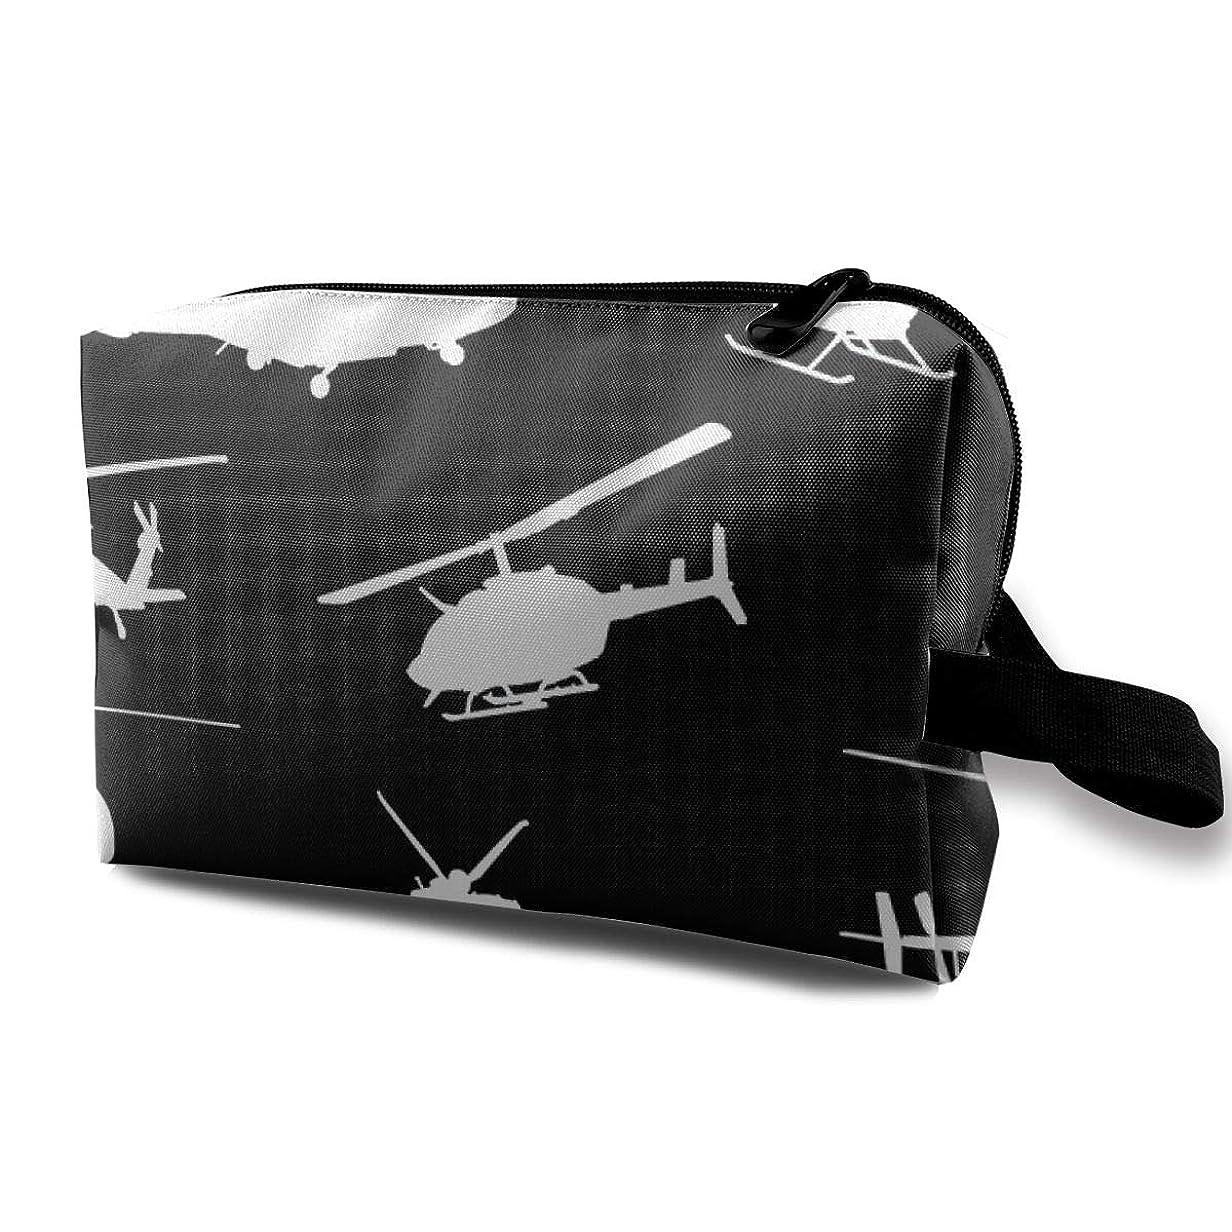 画家クックモニター化粧ポーチ コンパクトサイズ,黒いSmall_3779のオックスフォードの布の多彩な袋の小型旅行のヘリコプターのシルエット